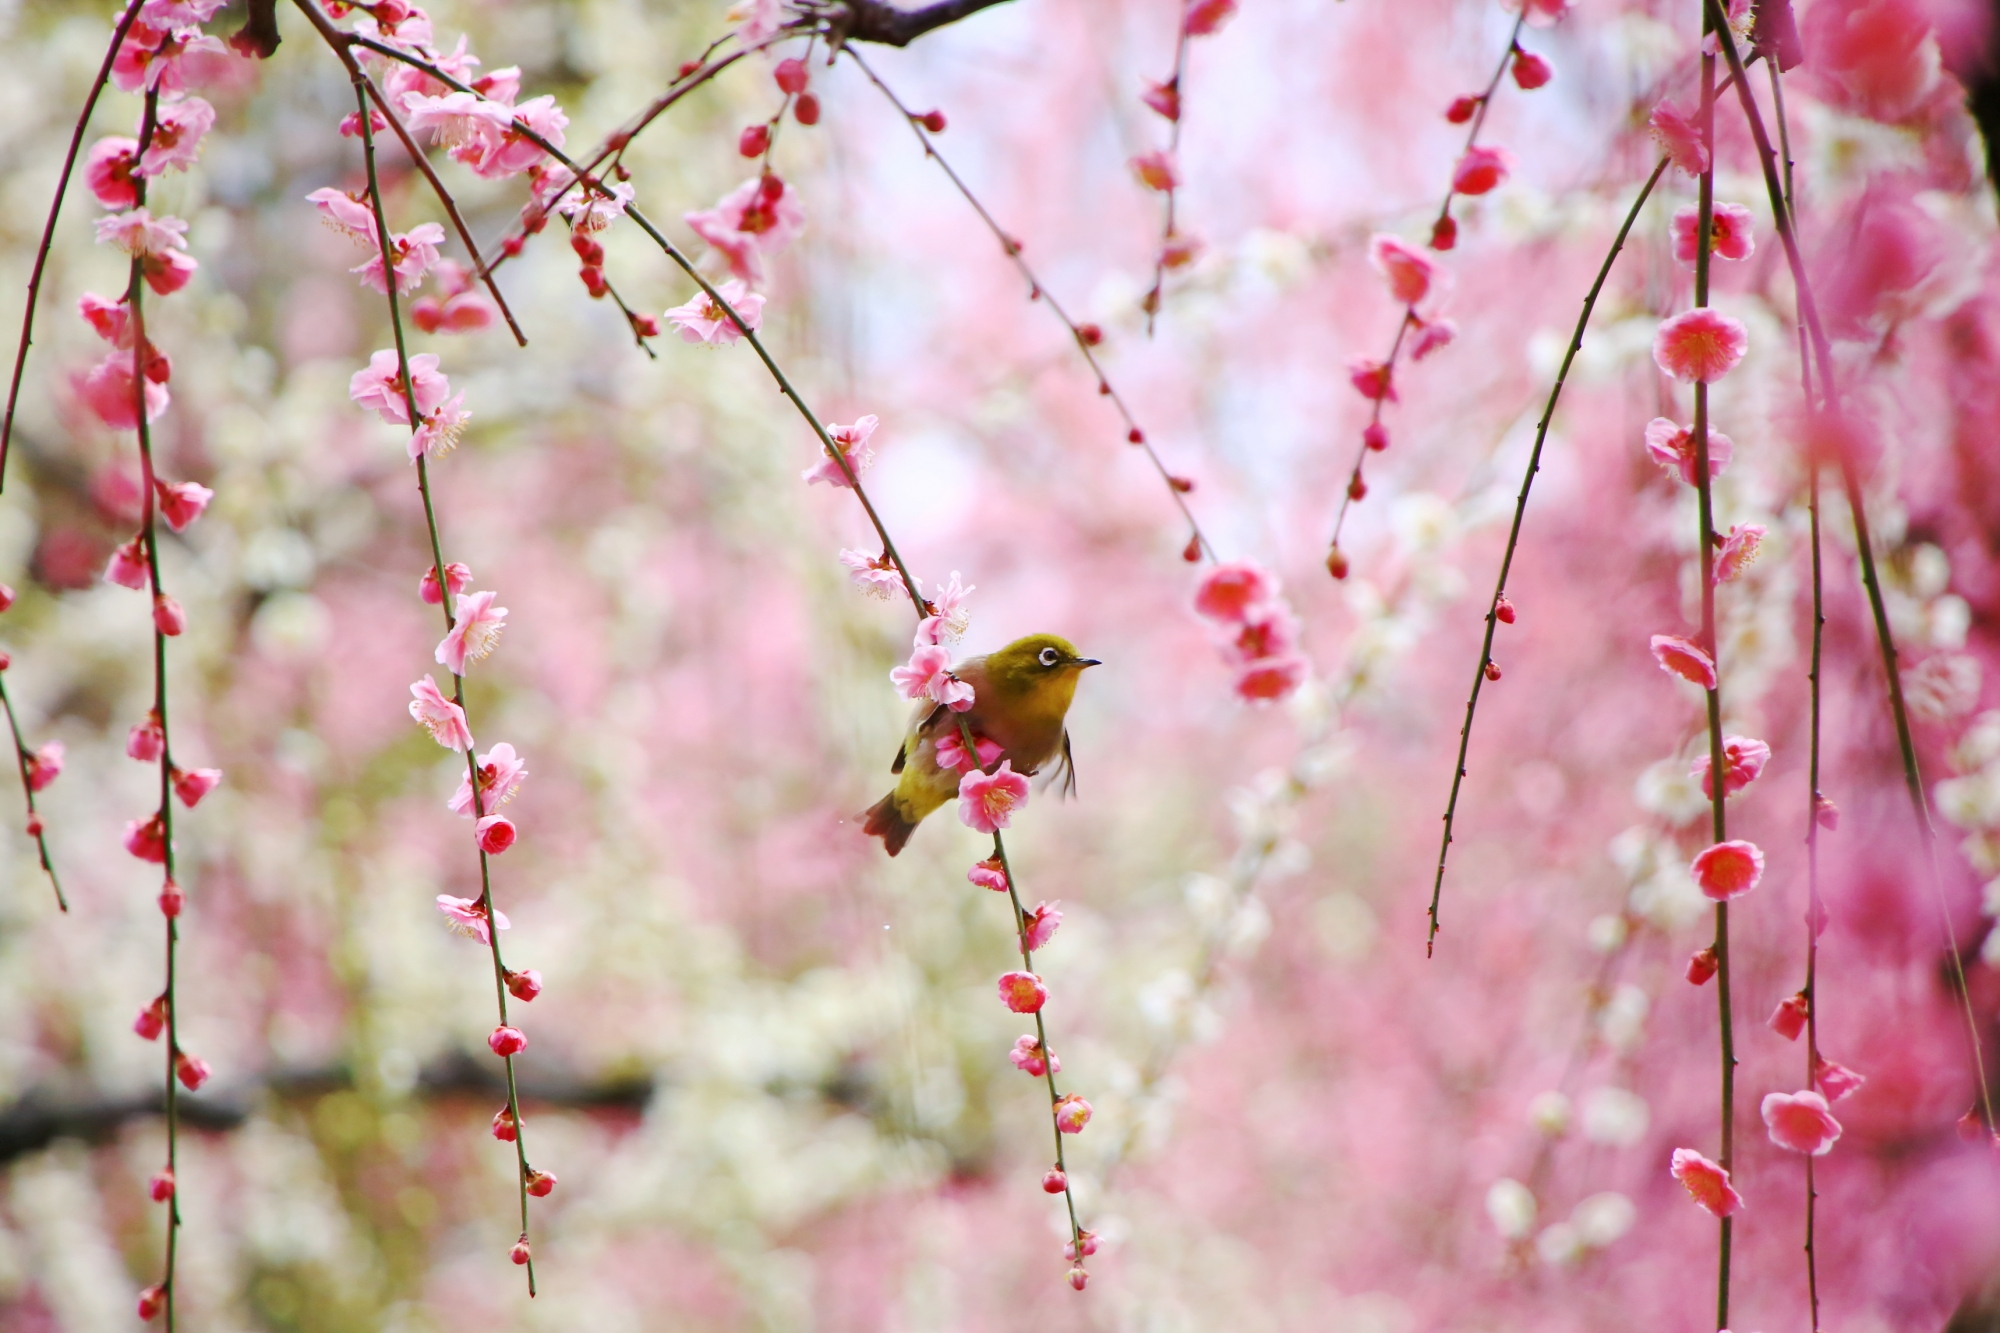 しだれ梅の枝に揺られる可愛いメジロ